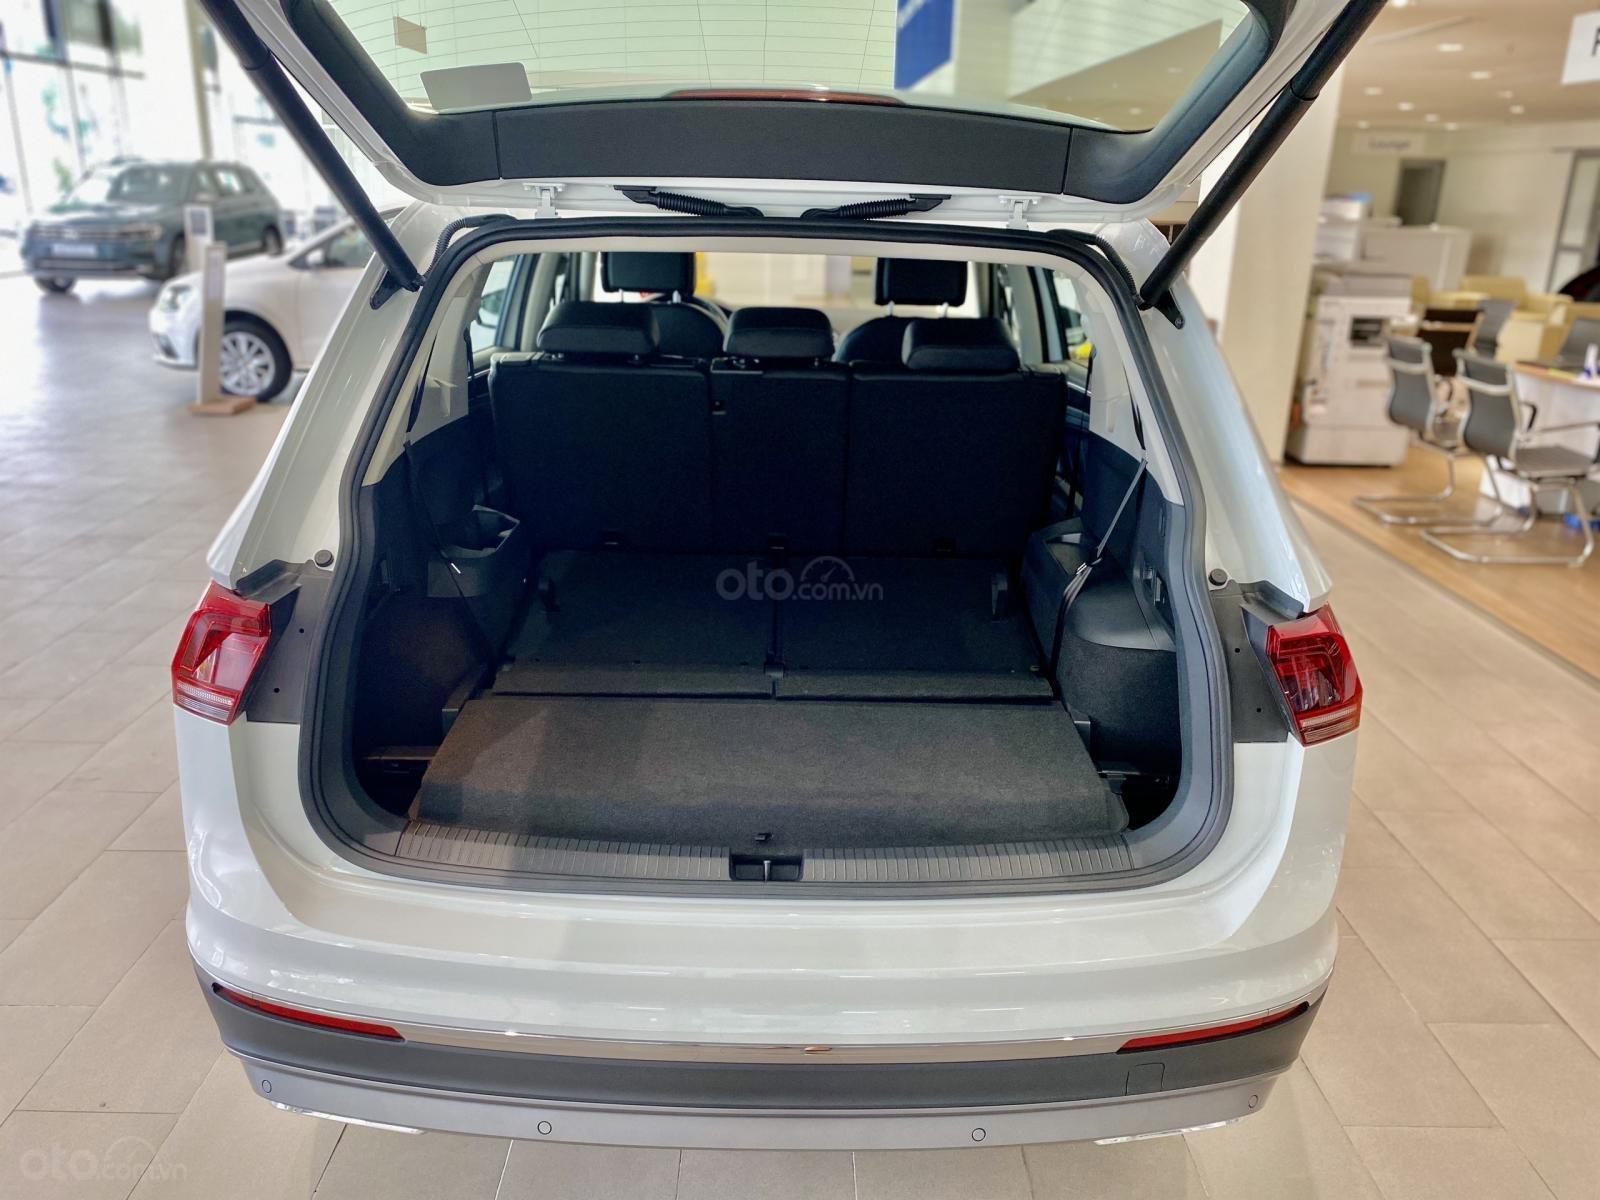 Volkswagen Sài Gòn Tiguan Luxury màu trắng - Giá tốt cho tháng ngâu - 6 màu giao ngay (trắng, đen, đỏ,.. ) - Hỗ trợ vay 80% (7)